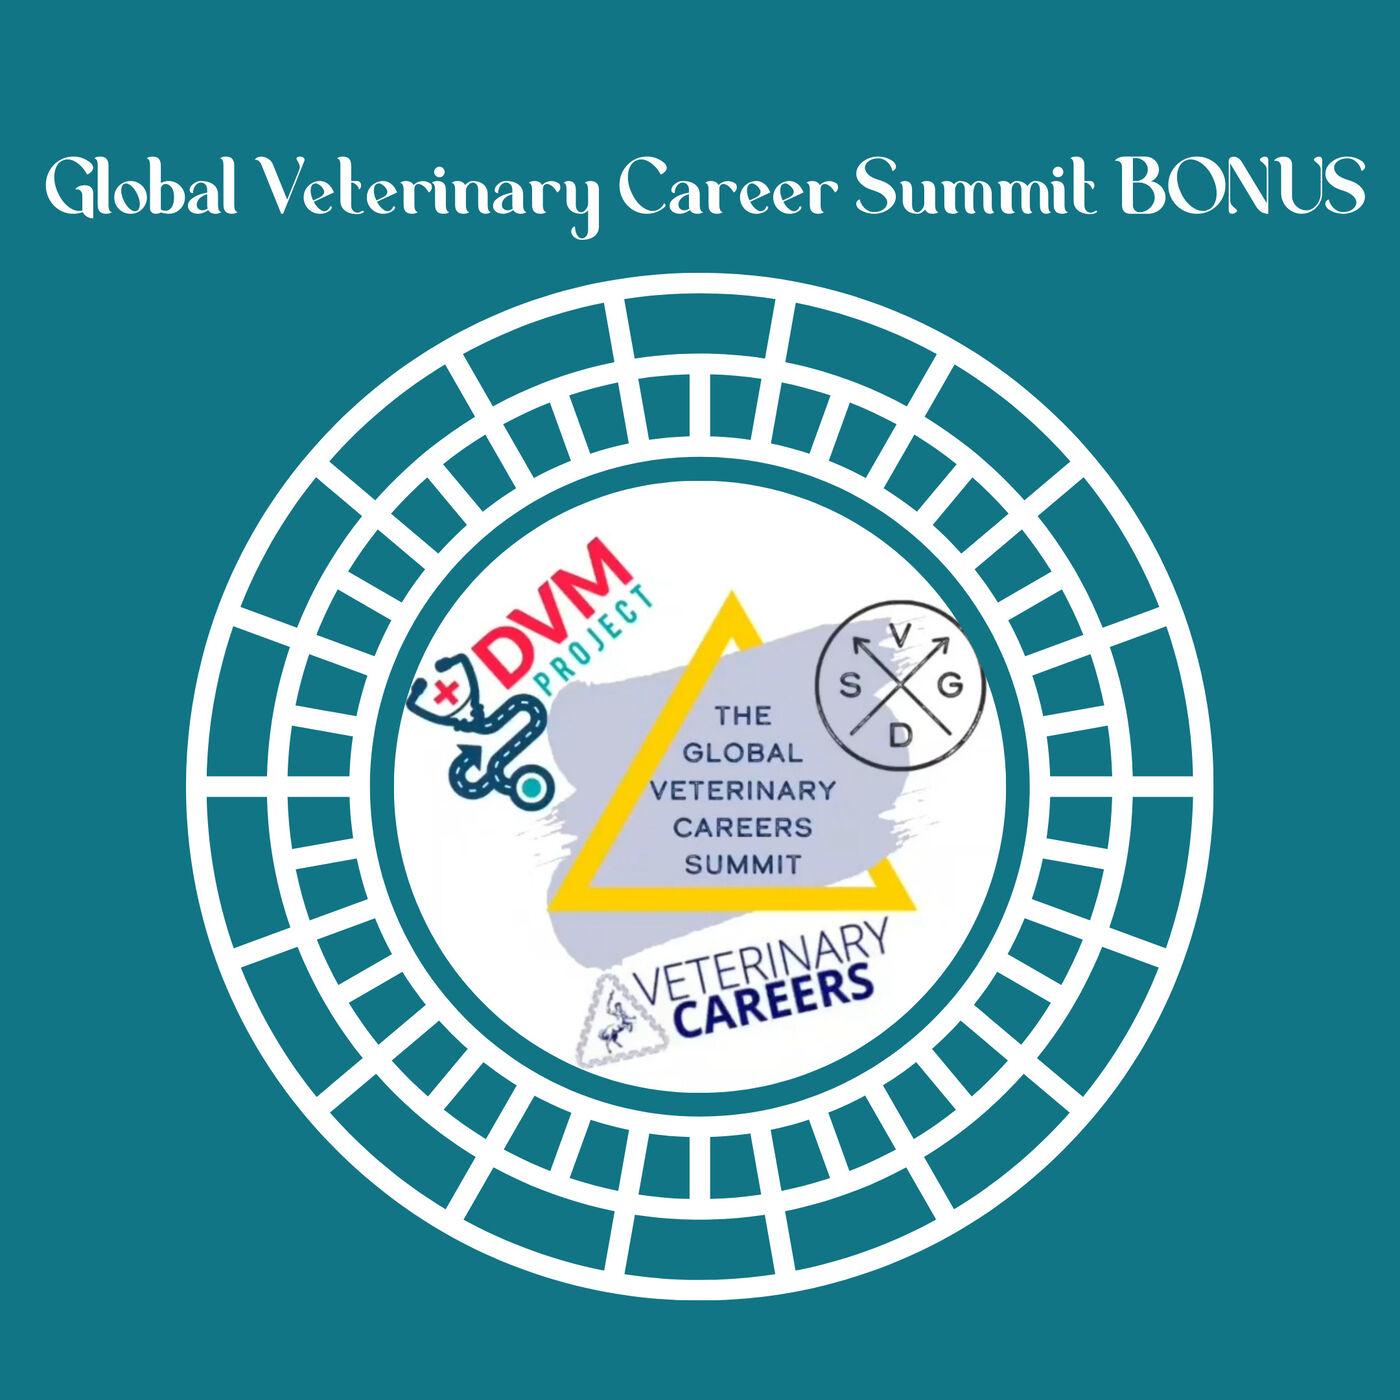 BONUS! Global Veterinary Career Summit BOGO